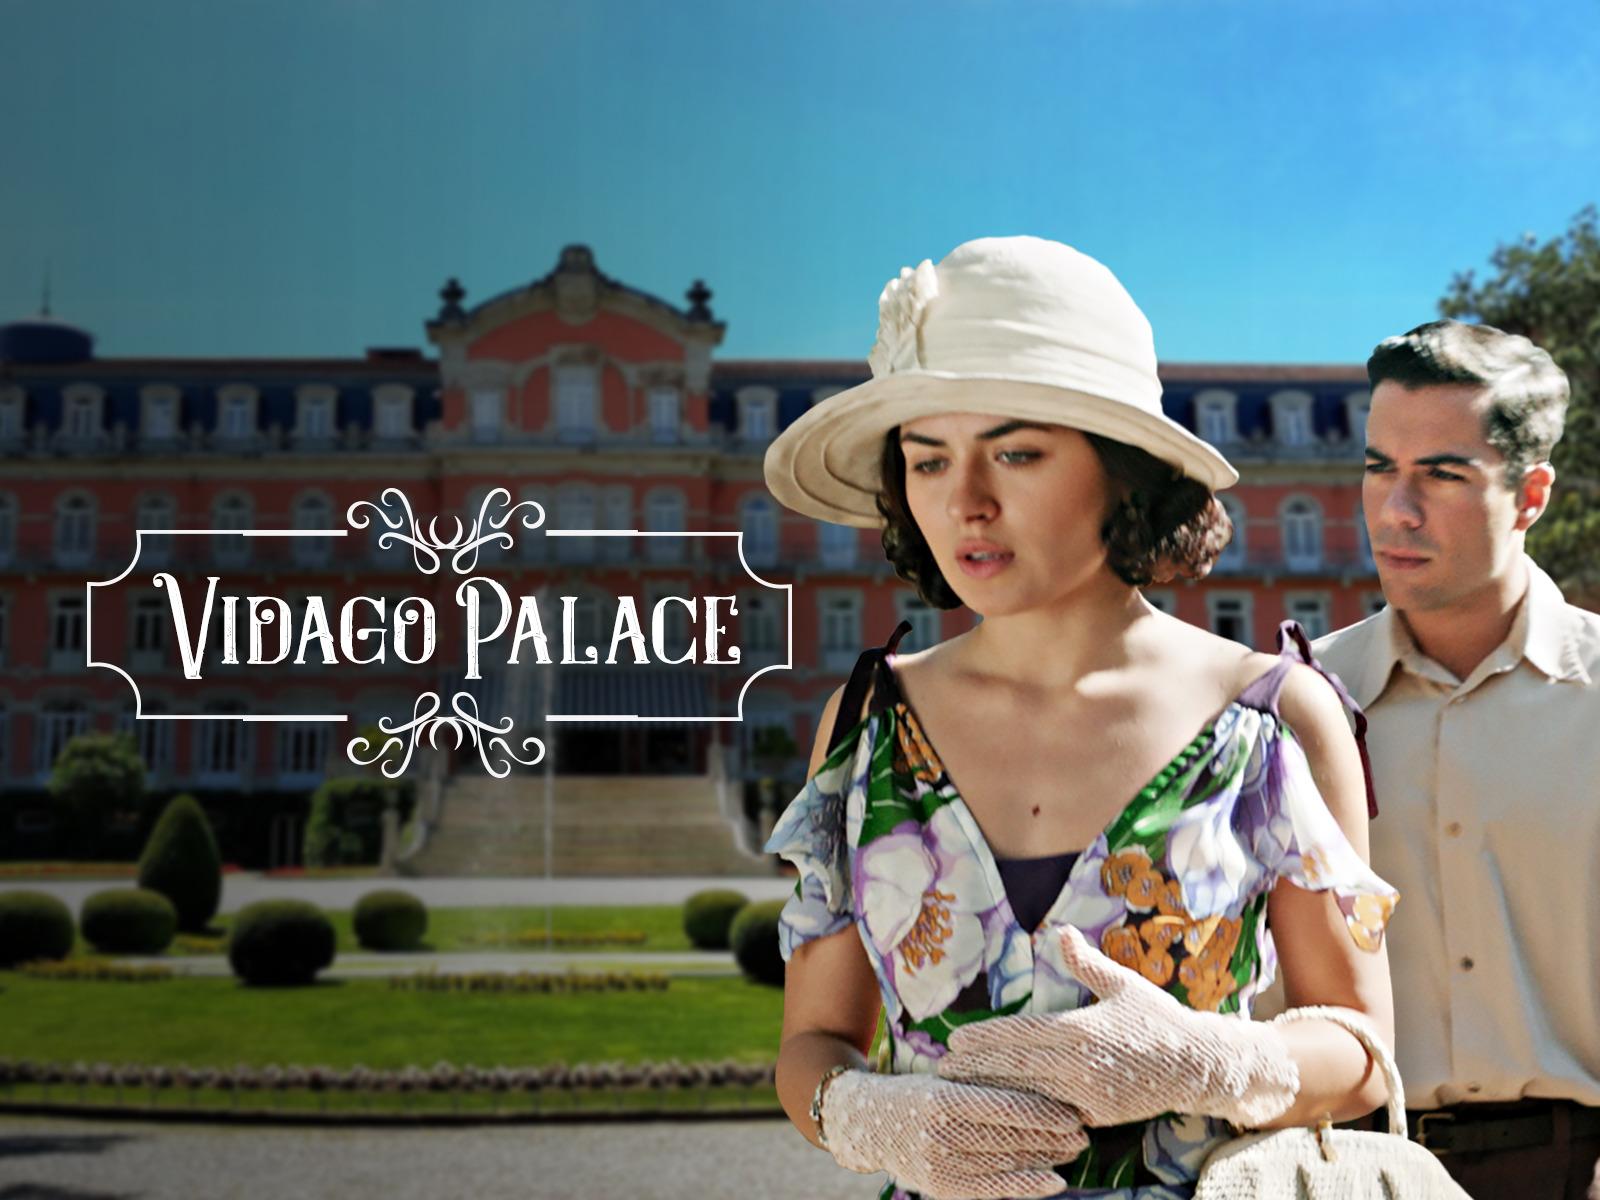 A serie 'Vidago Palace' recén estreada en HBO Portugal